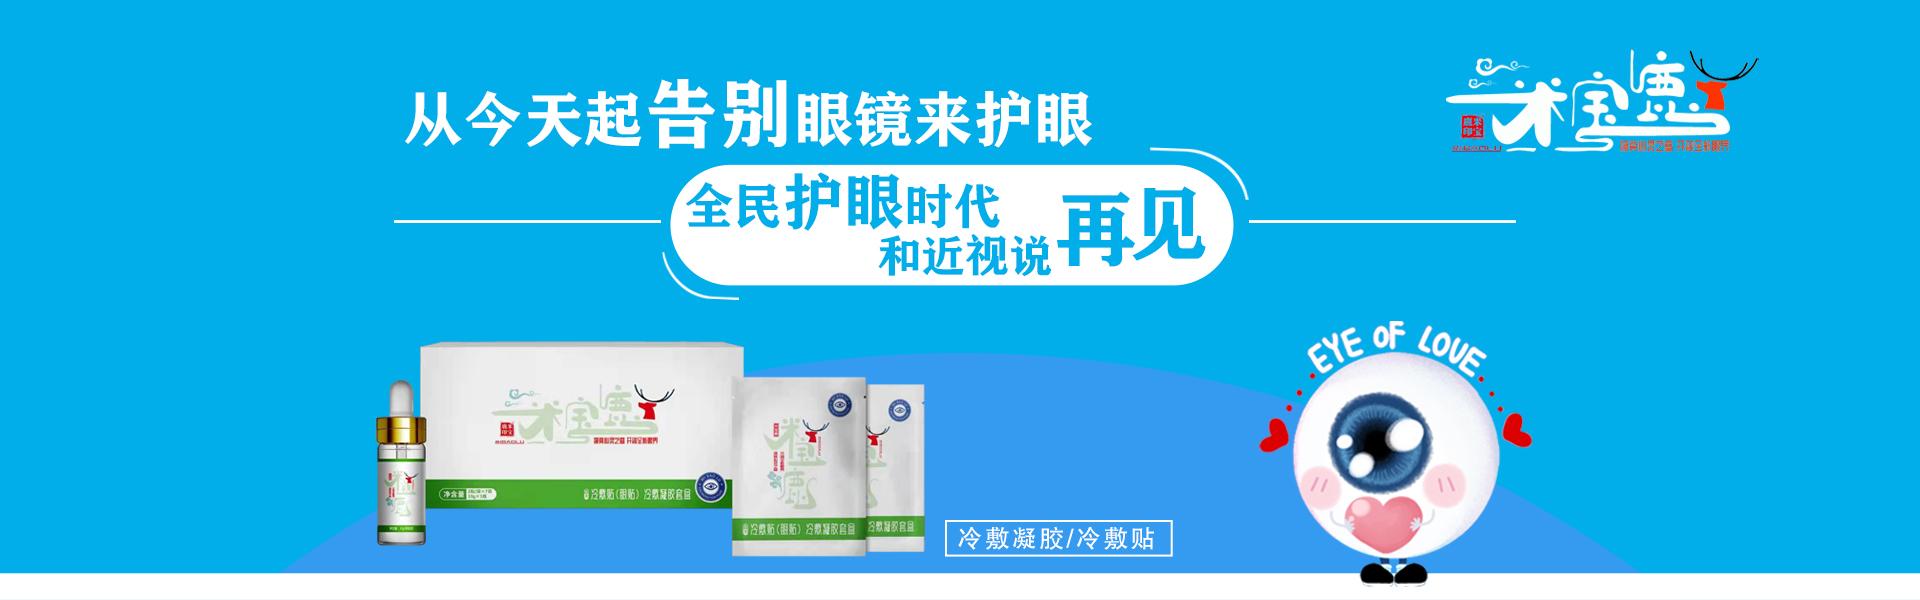 桂林道舍影视传媒ballbet贝博app下载ios公司介绍